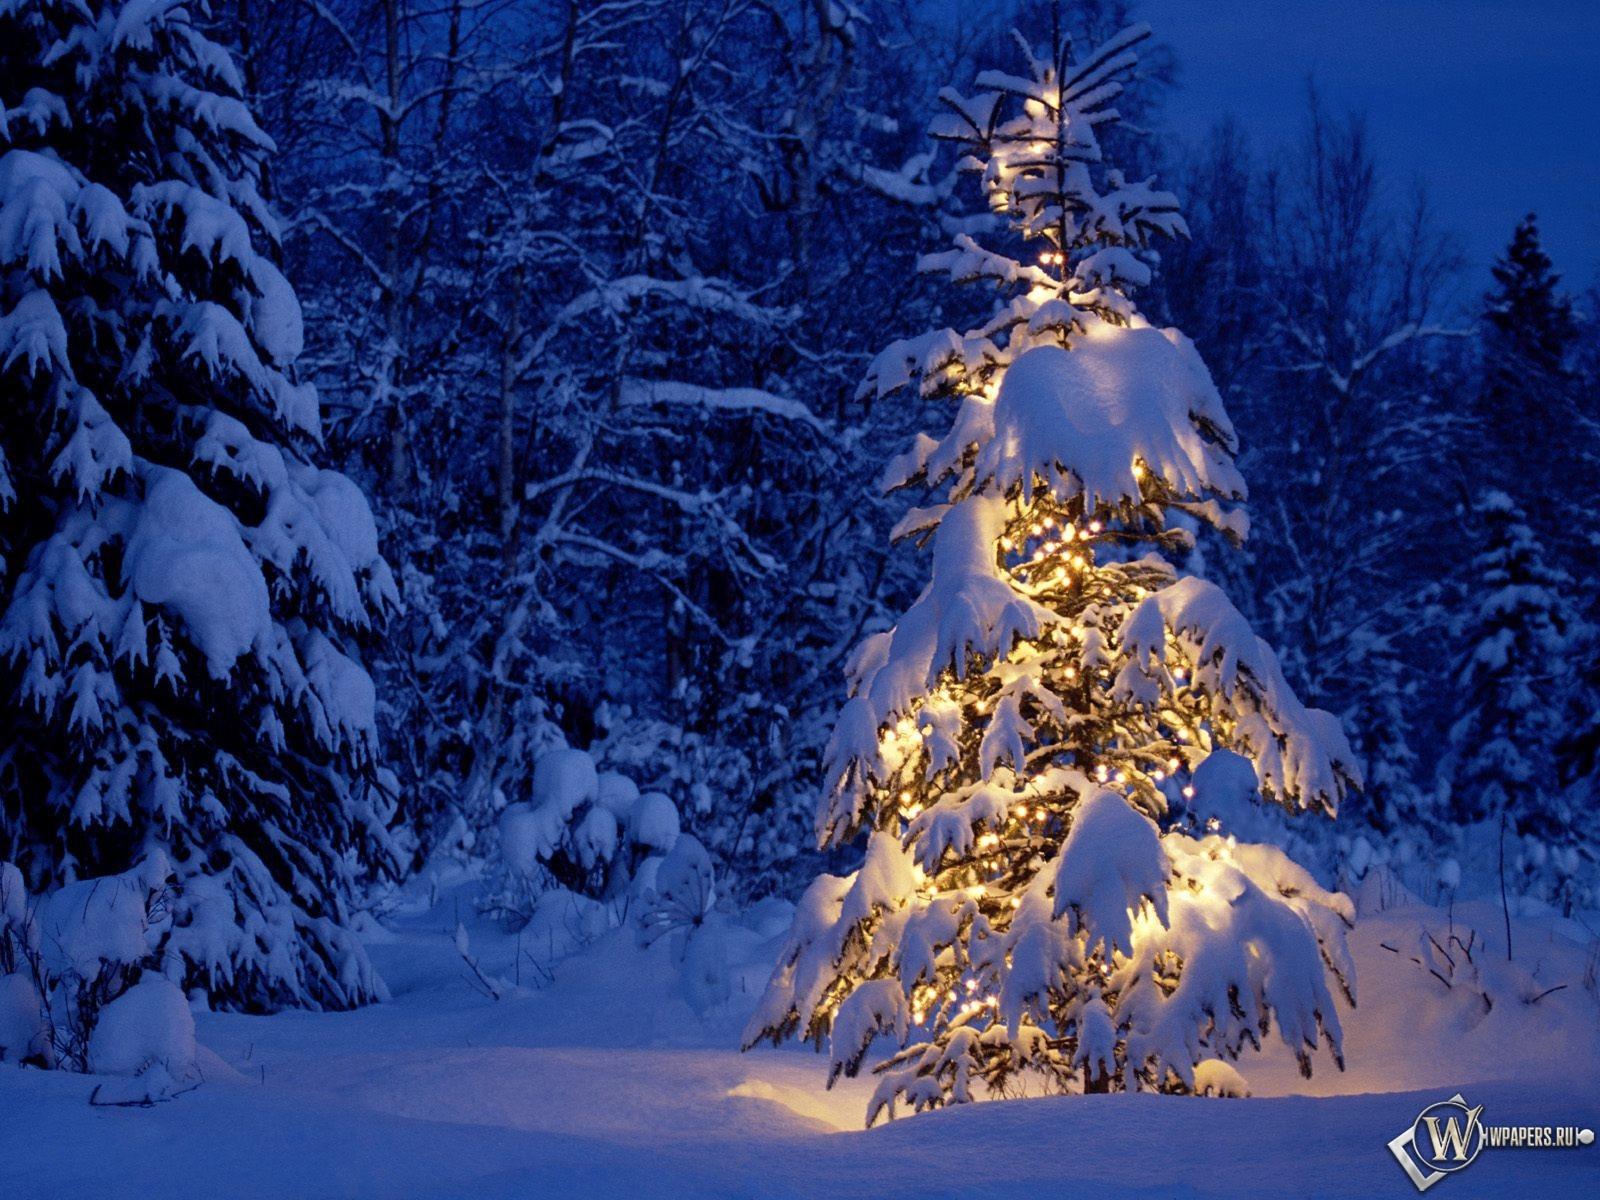 Елка в снежном лесу 1600x1200